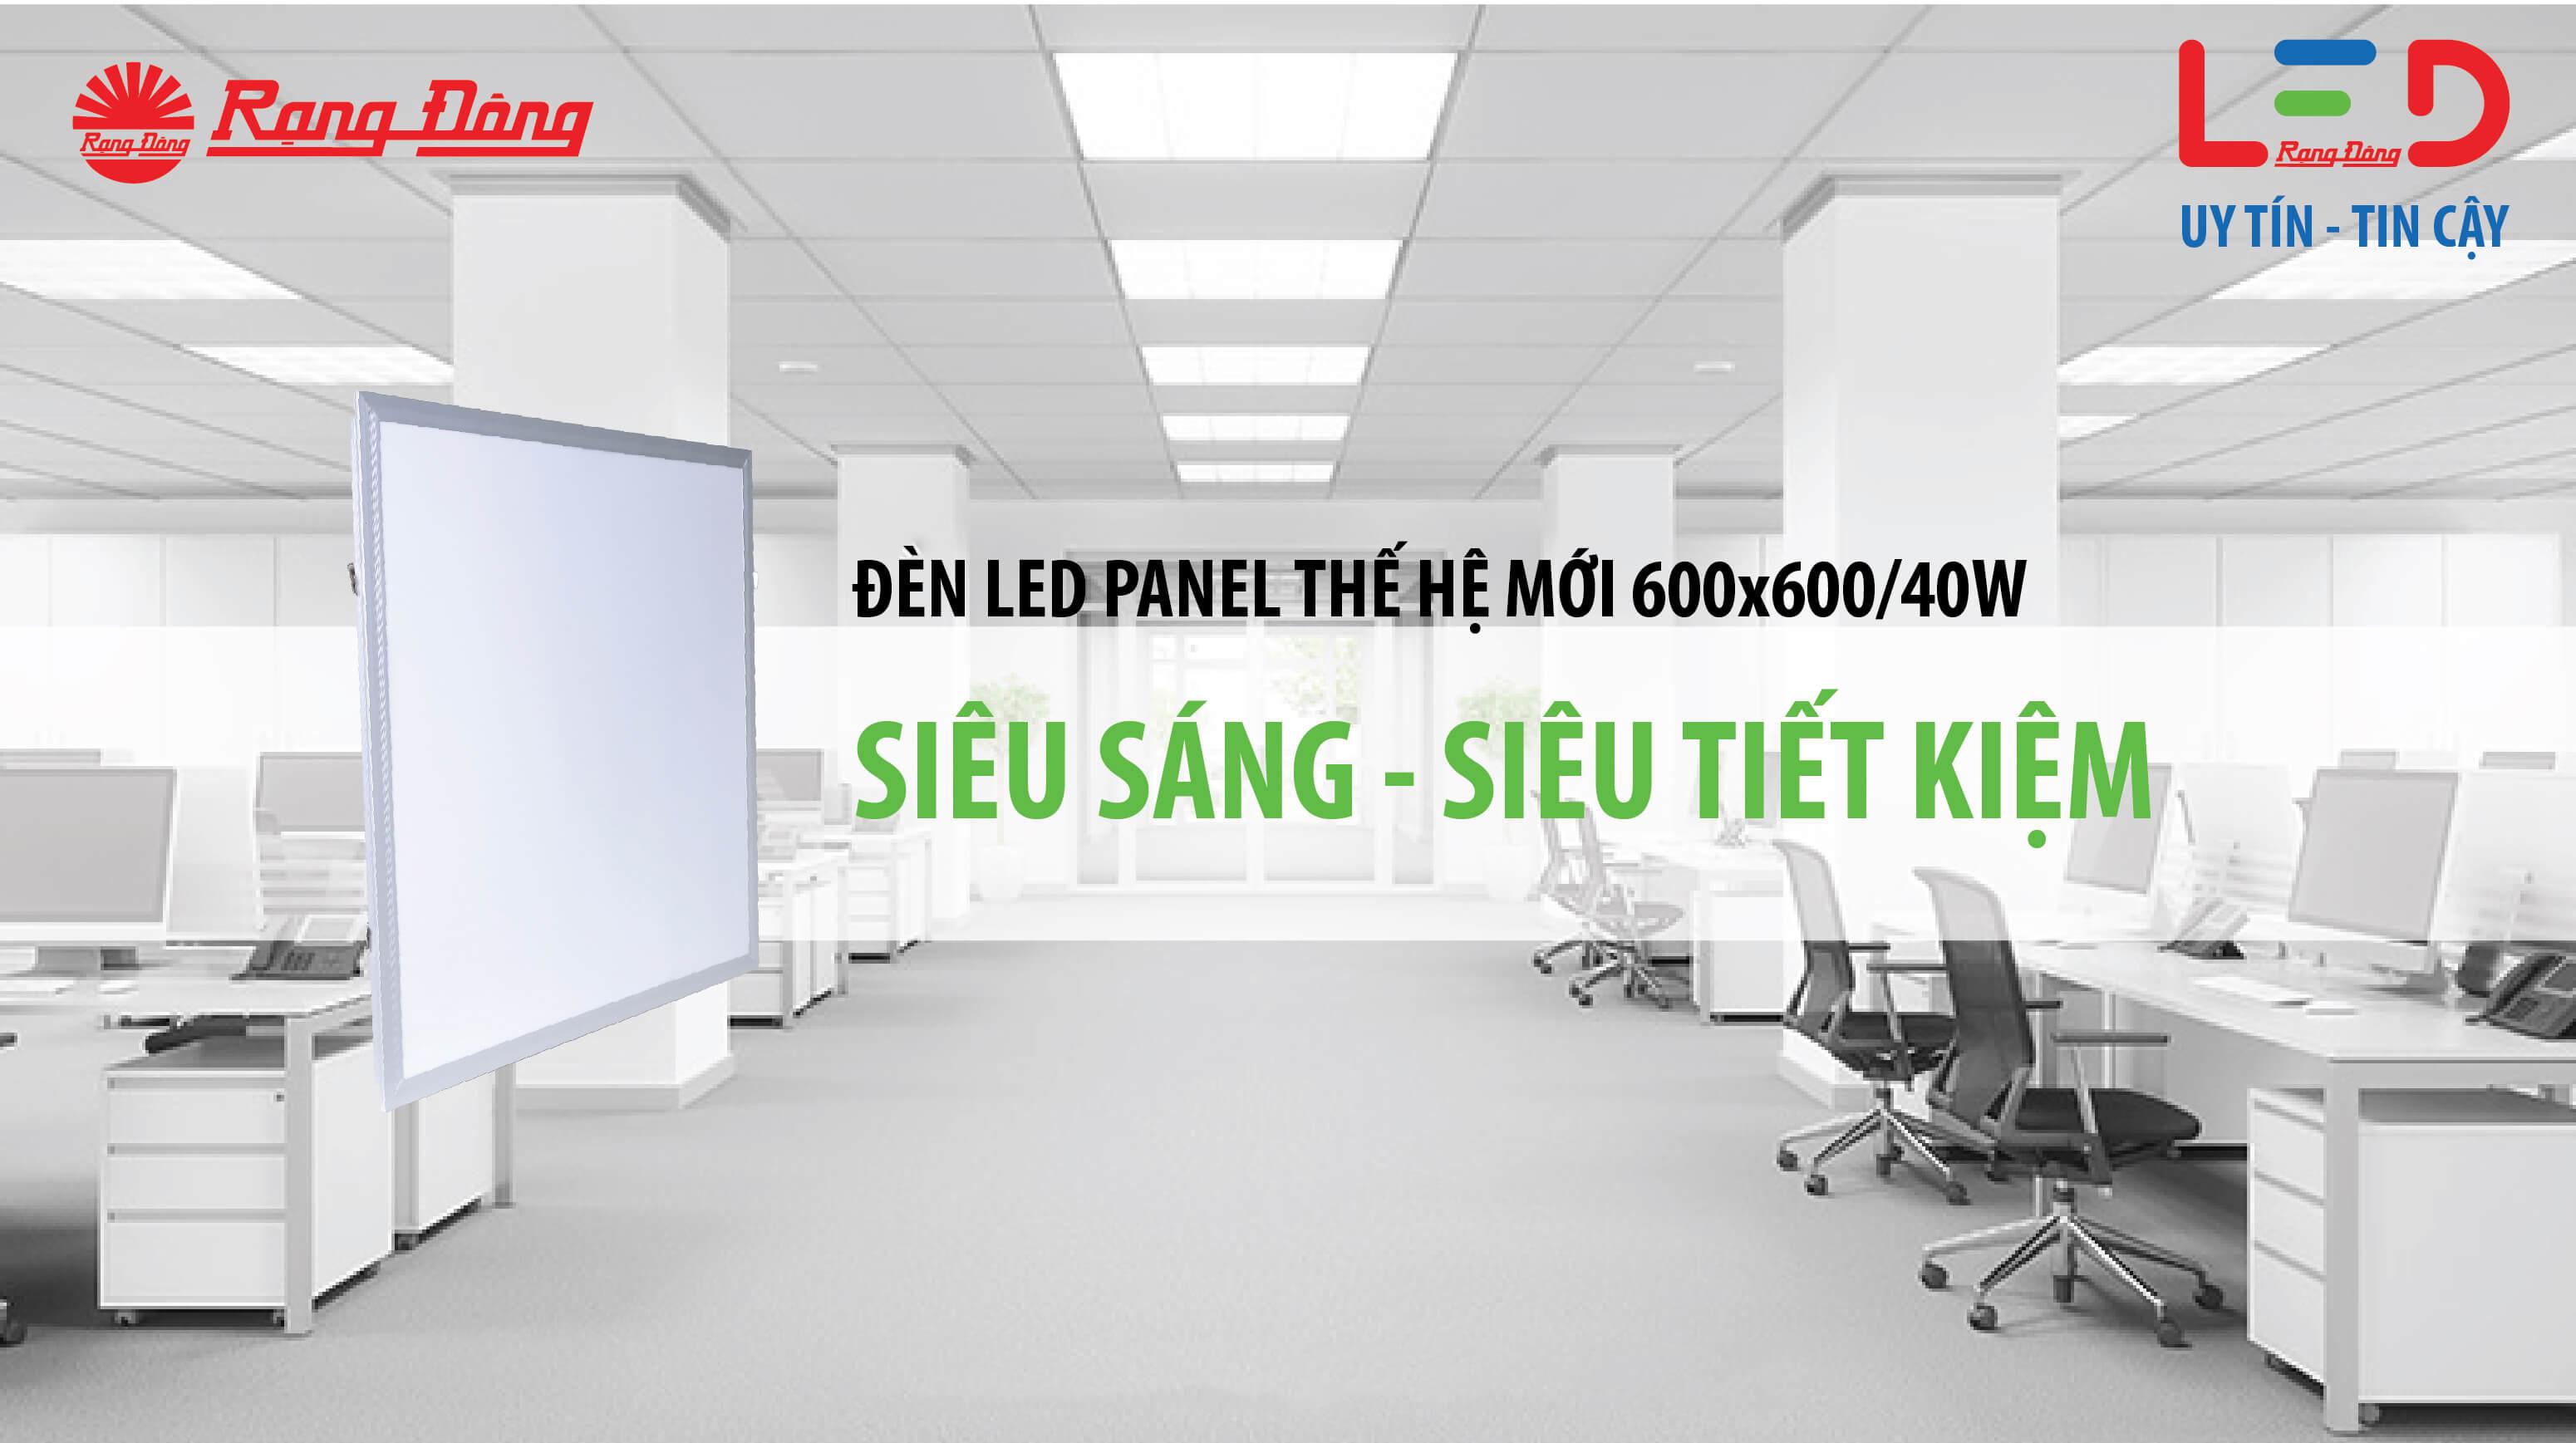 Ưu điểm của đèn led panel Rạng Đông 600×600